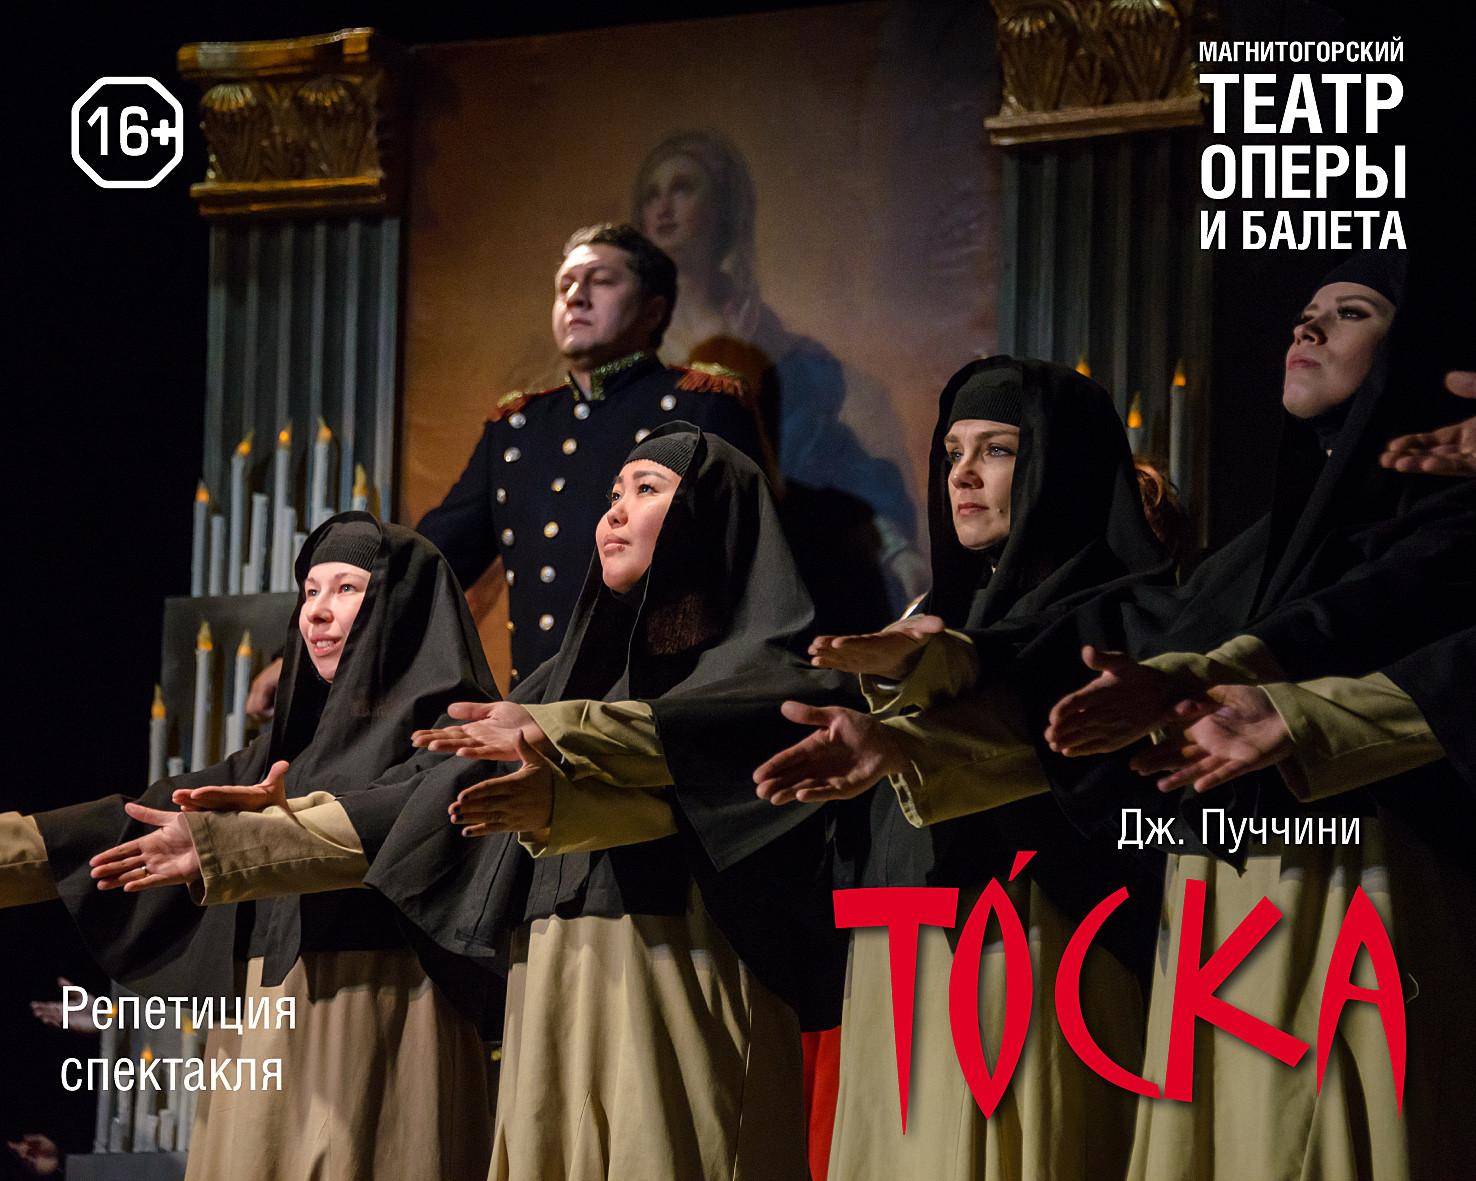 В Магнитогорском театре оперы и балета состоится премьера оперы «Тоска» на итальянском языке